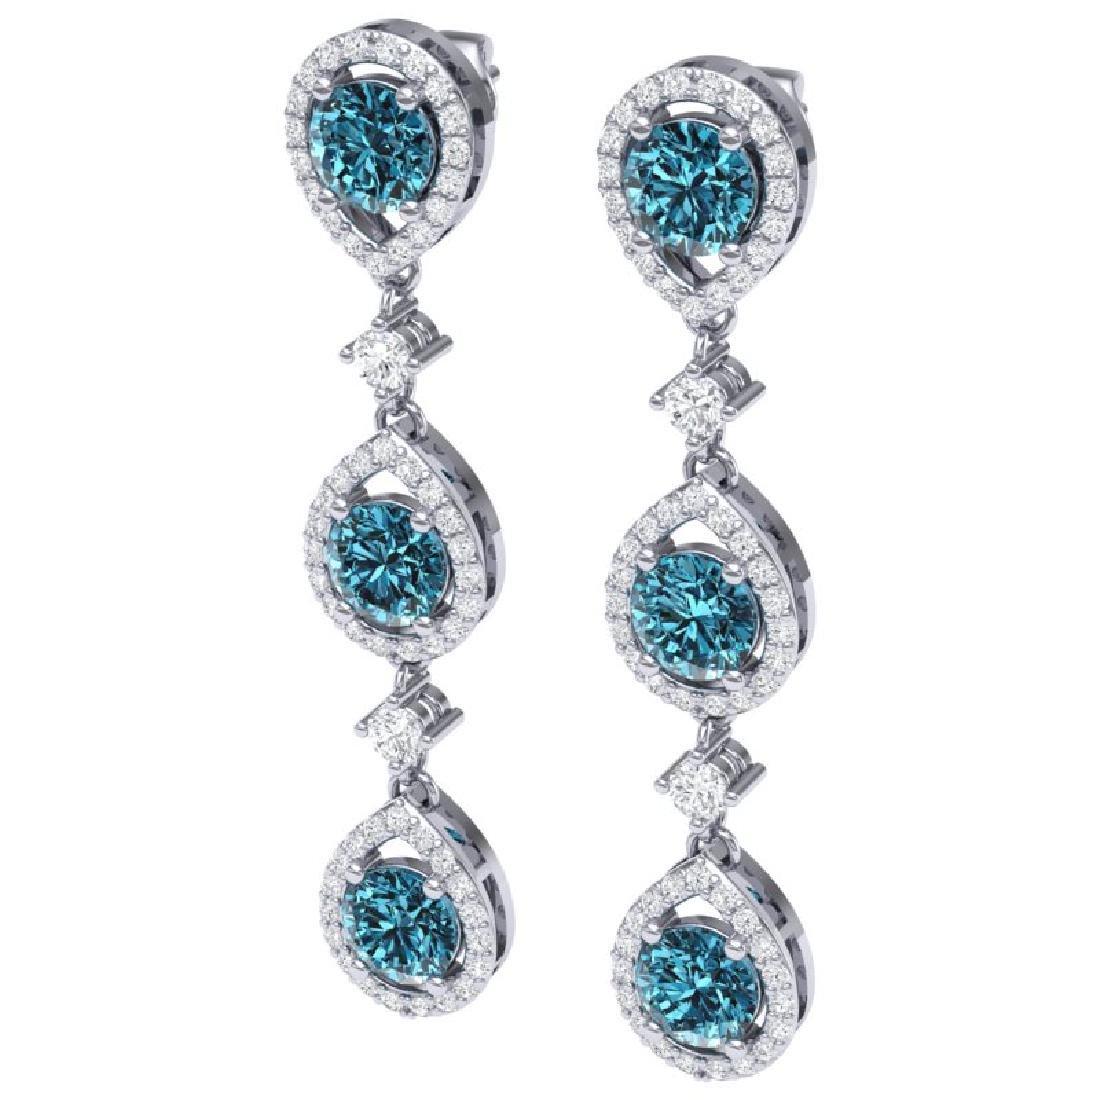 5.28 CTW Royalty Fancy Blue, SI Diamond Earrings 18K - 2